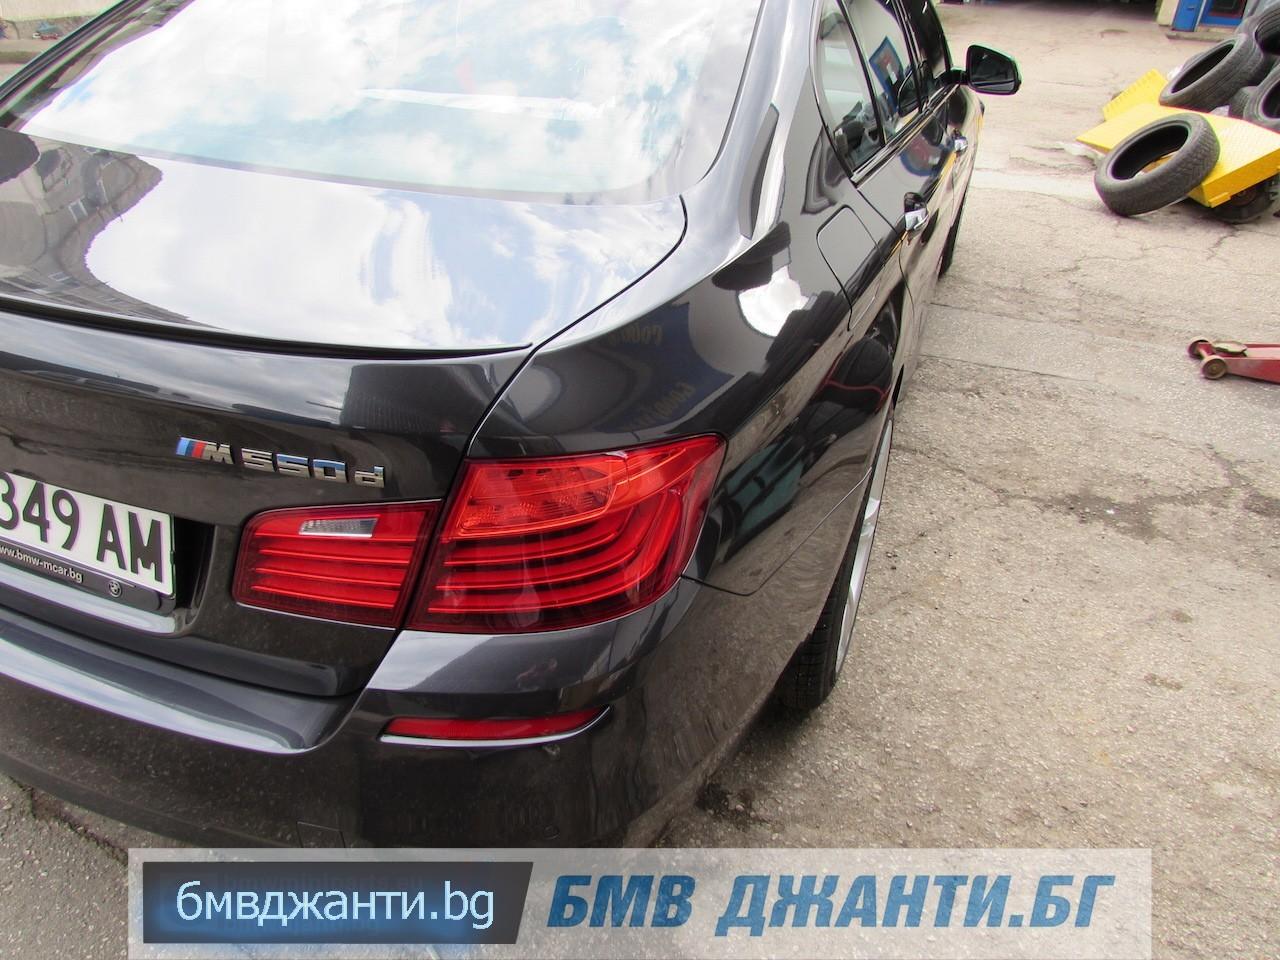 BMW Style 408M @ BMW F10 M550xd 14